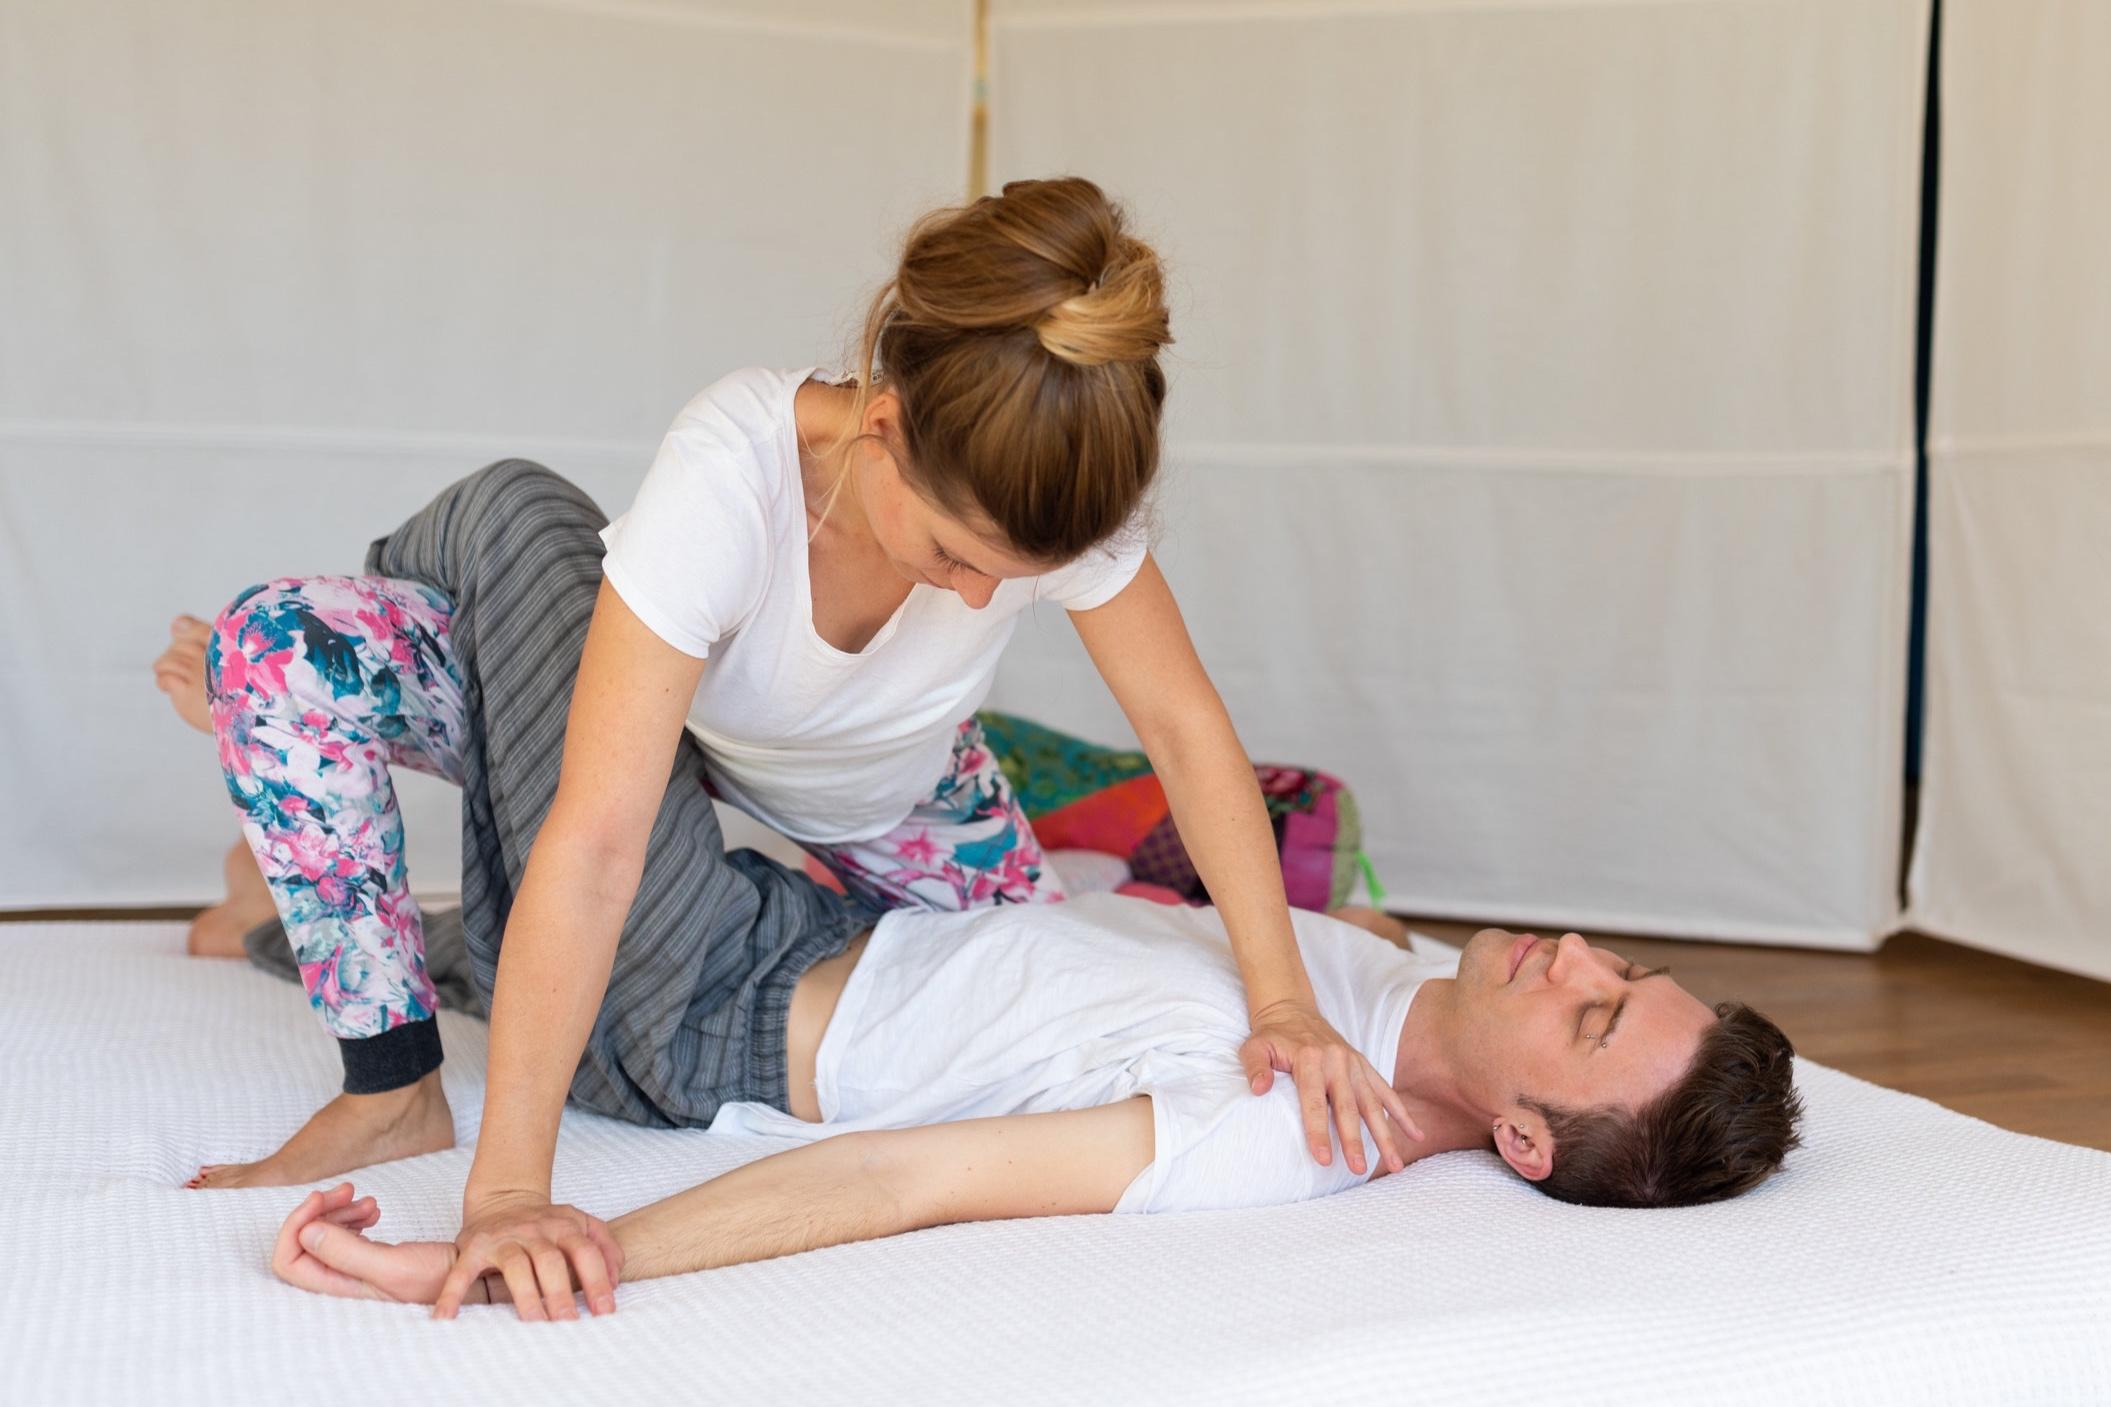 Thai-Yoga-Massage - Mit gezielter Massage der Marmapunkte, sanften Streck- und Dehnbewegungen und rhythmischem Druck von Handballen, Daumen und Füssen werden Energiebahnen angeregt und ins Fliessen gebracht.